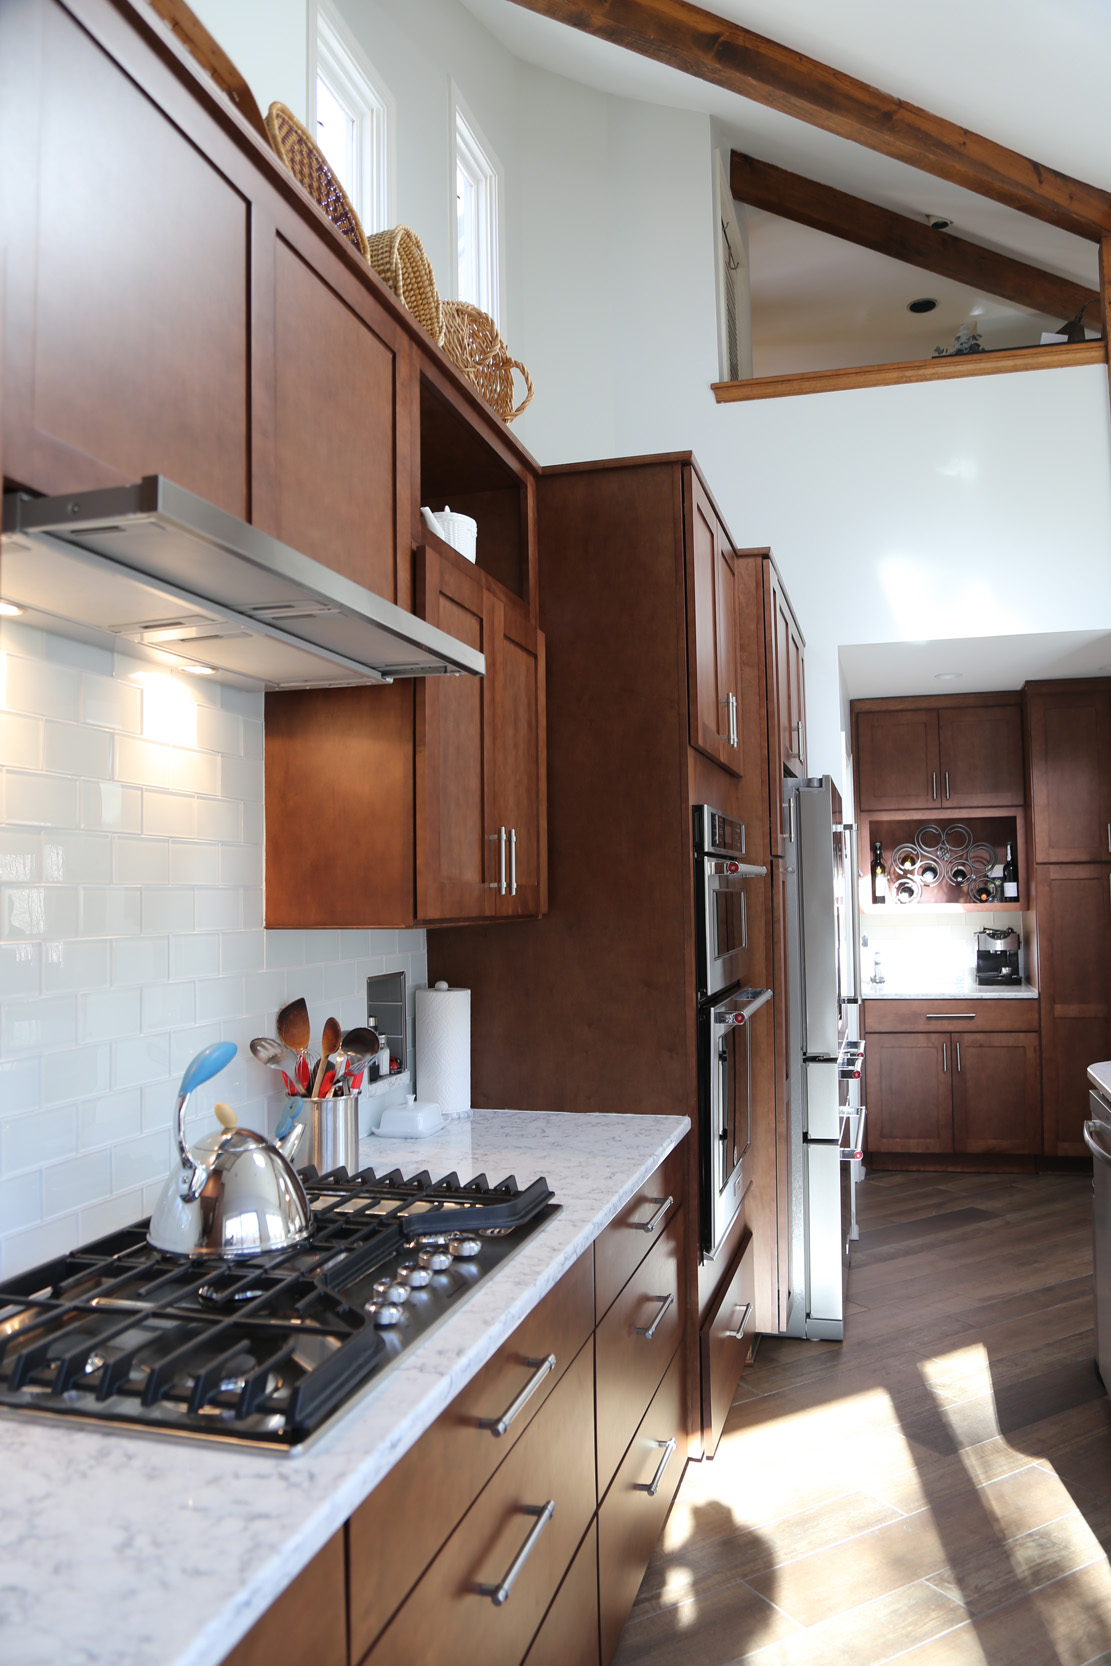 Halcyon kitchen renovation_TaylorsGap2.jpg